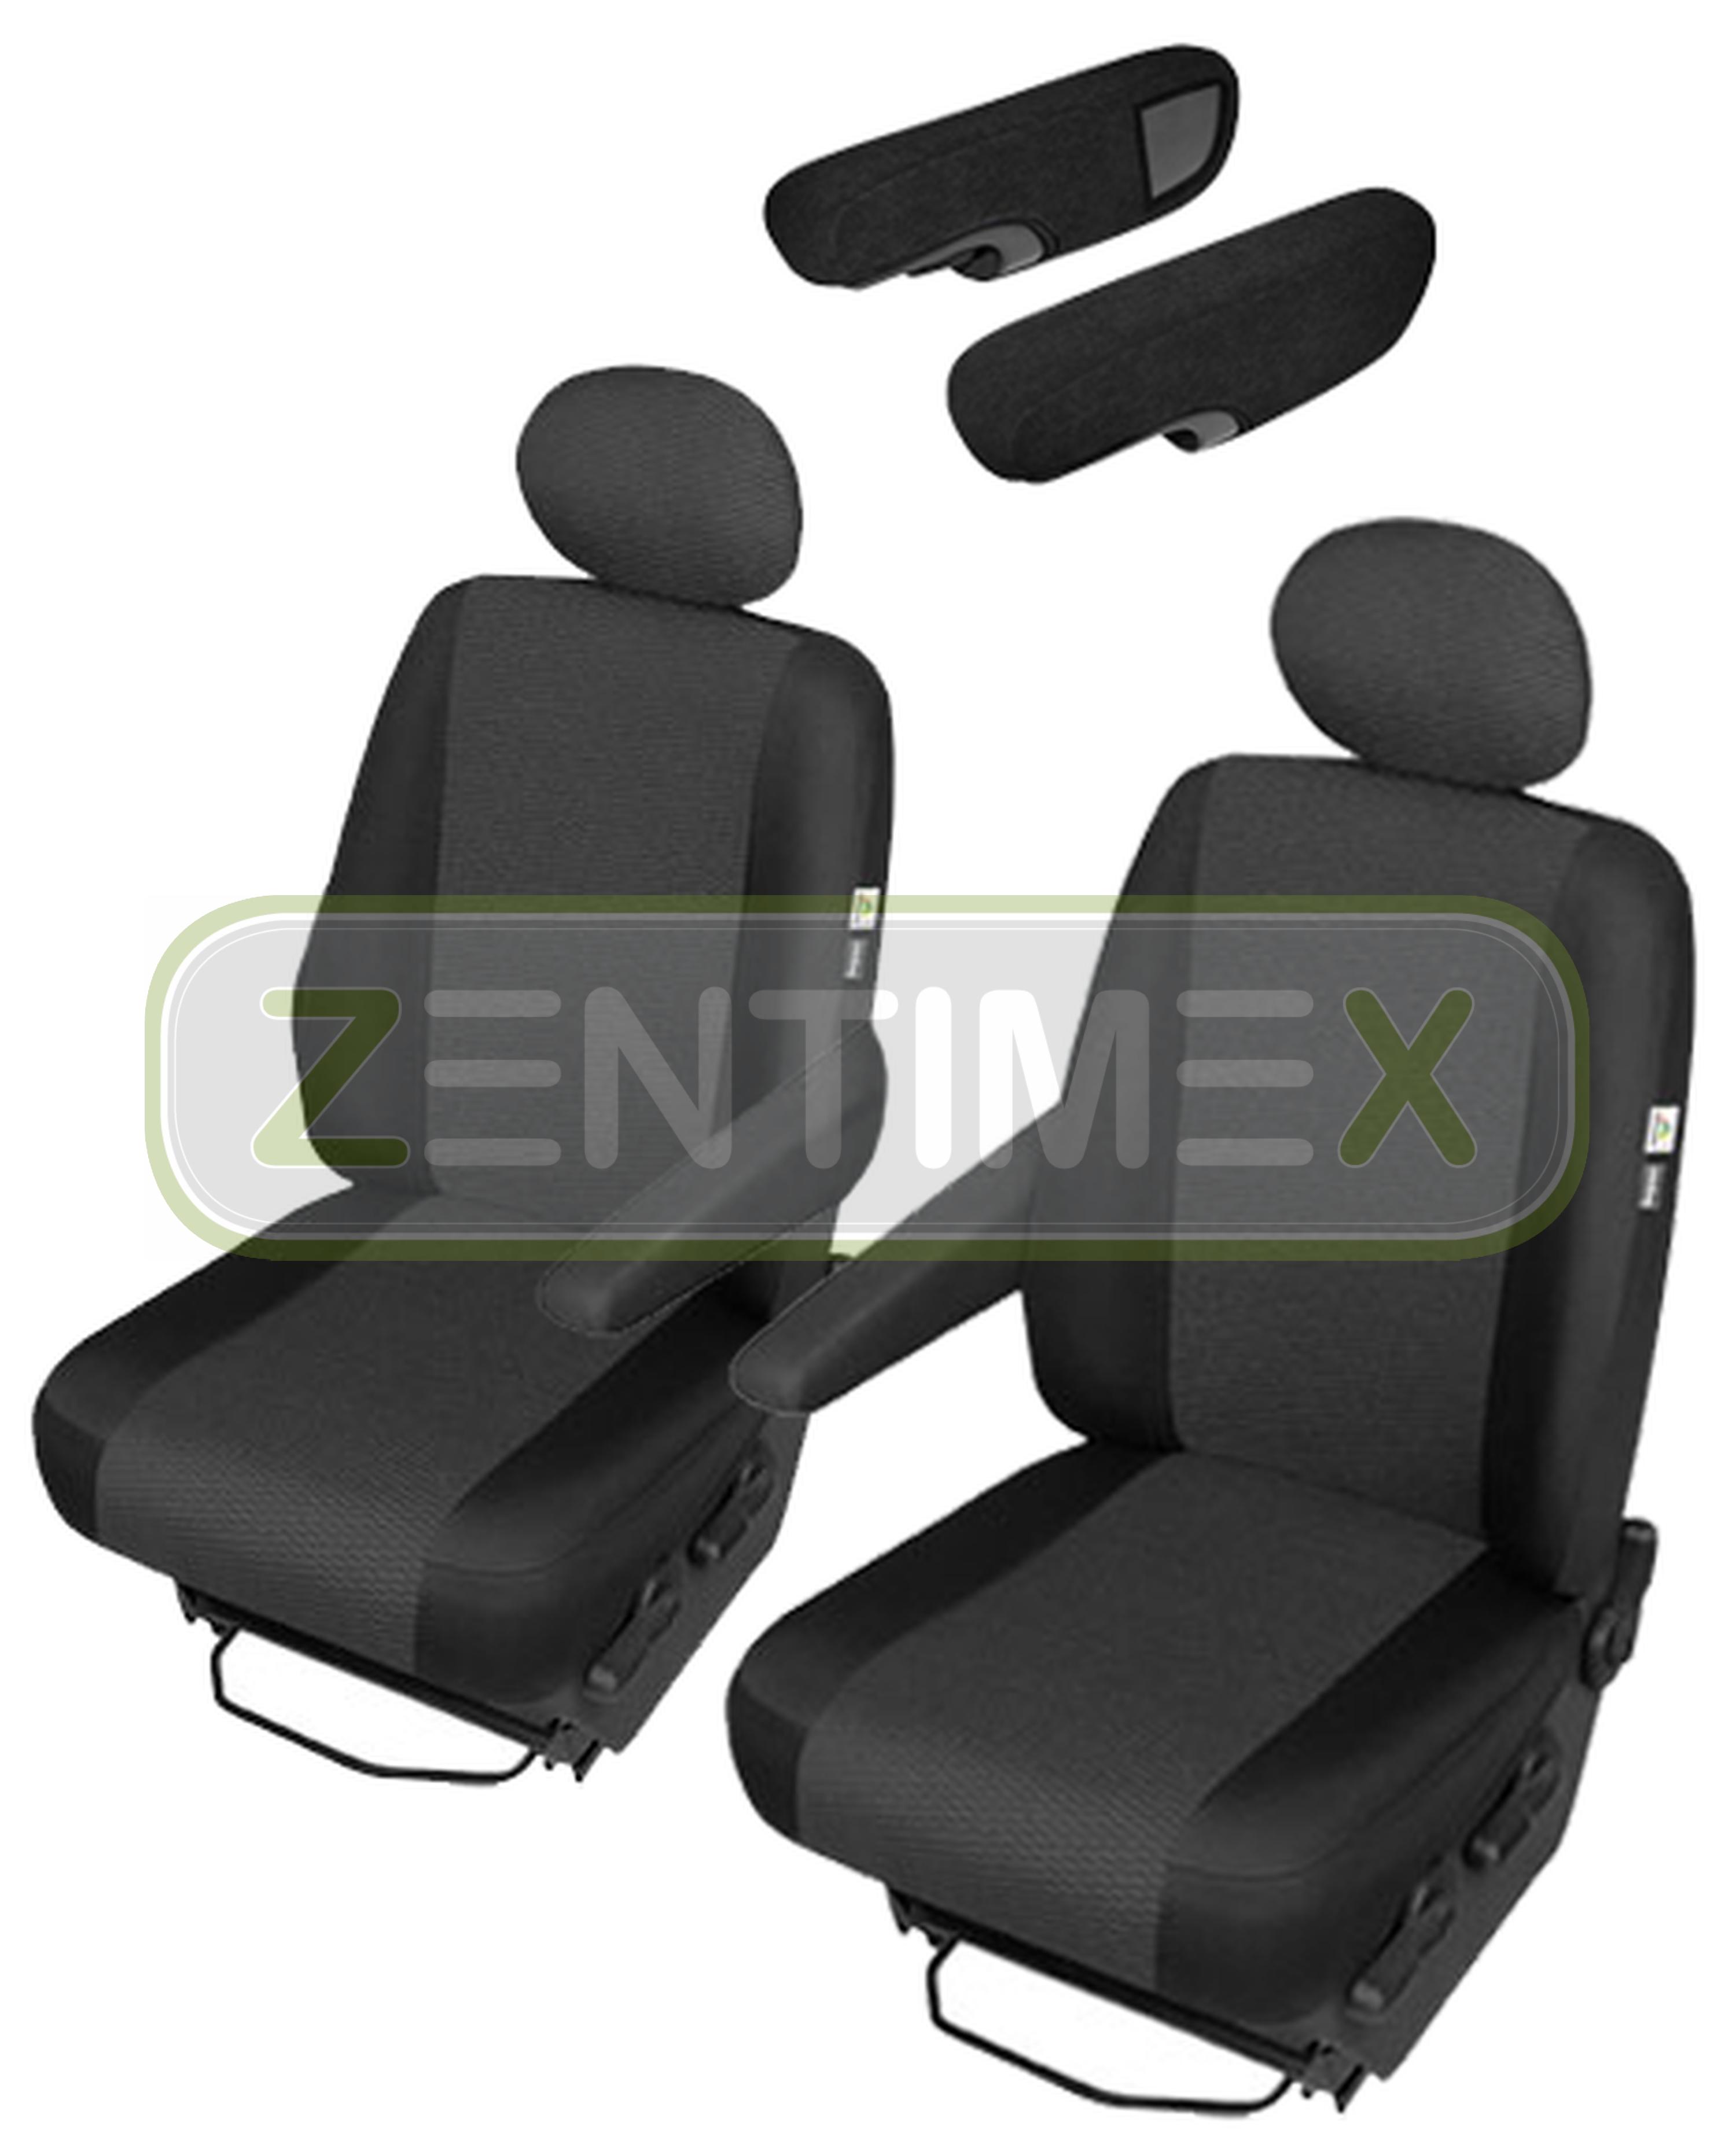 Sitzbezüge Schonbezüge SET SE Citroen Jumpy Stoff schwarz